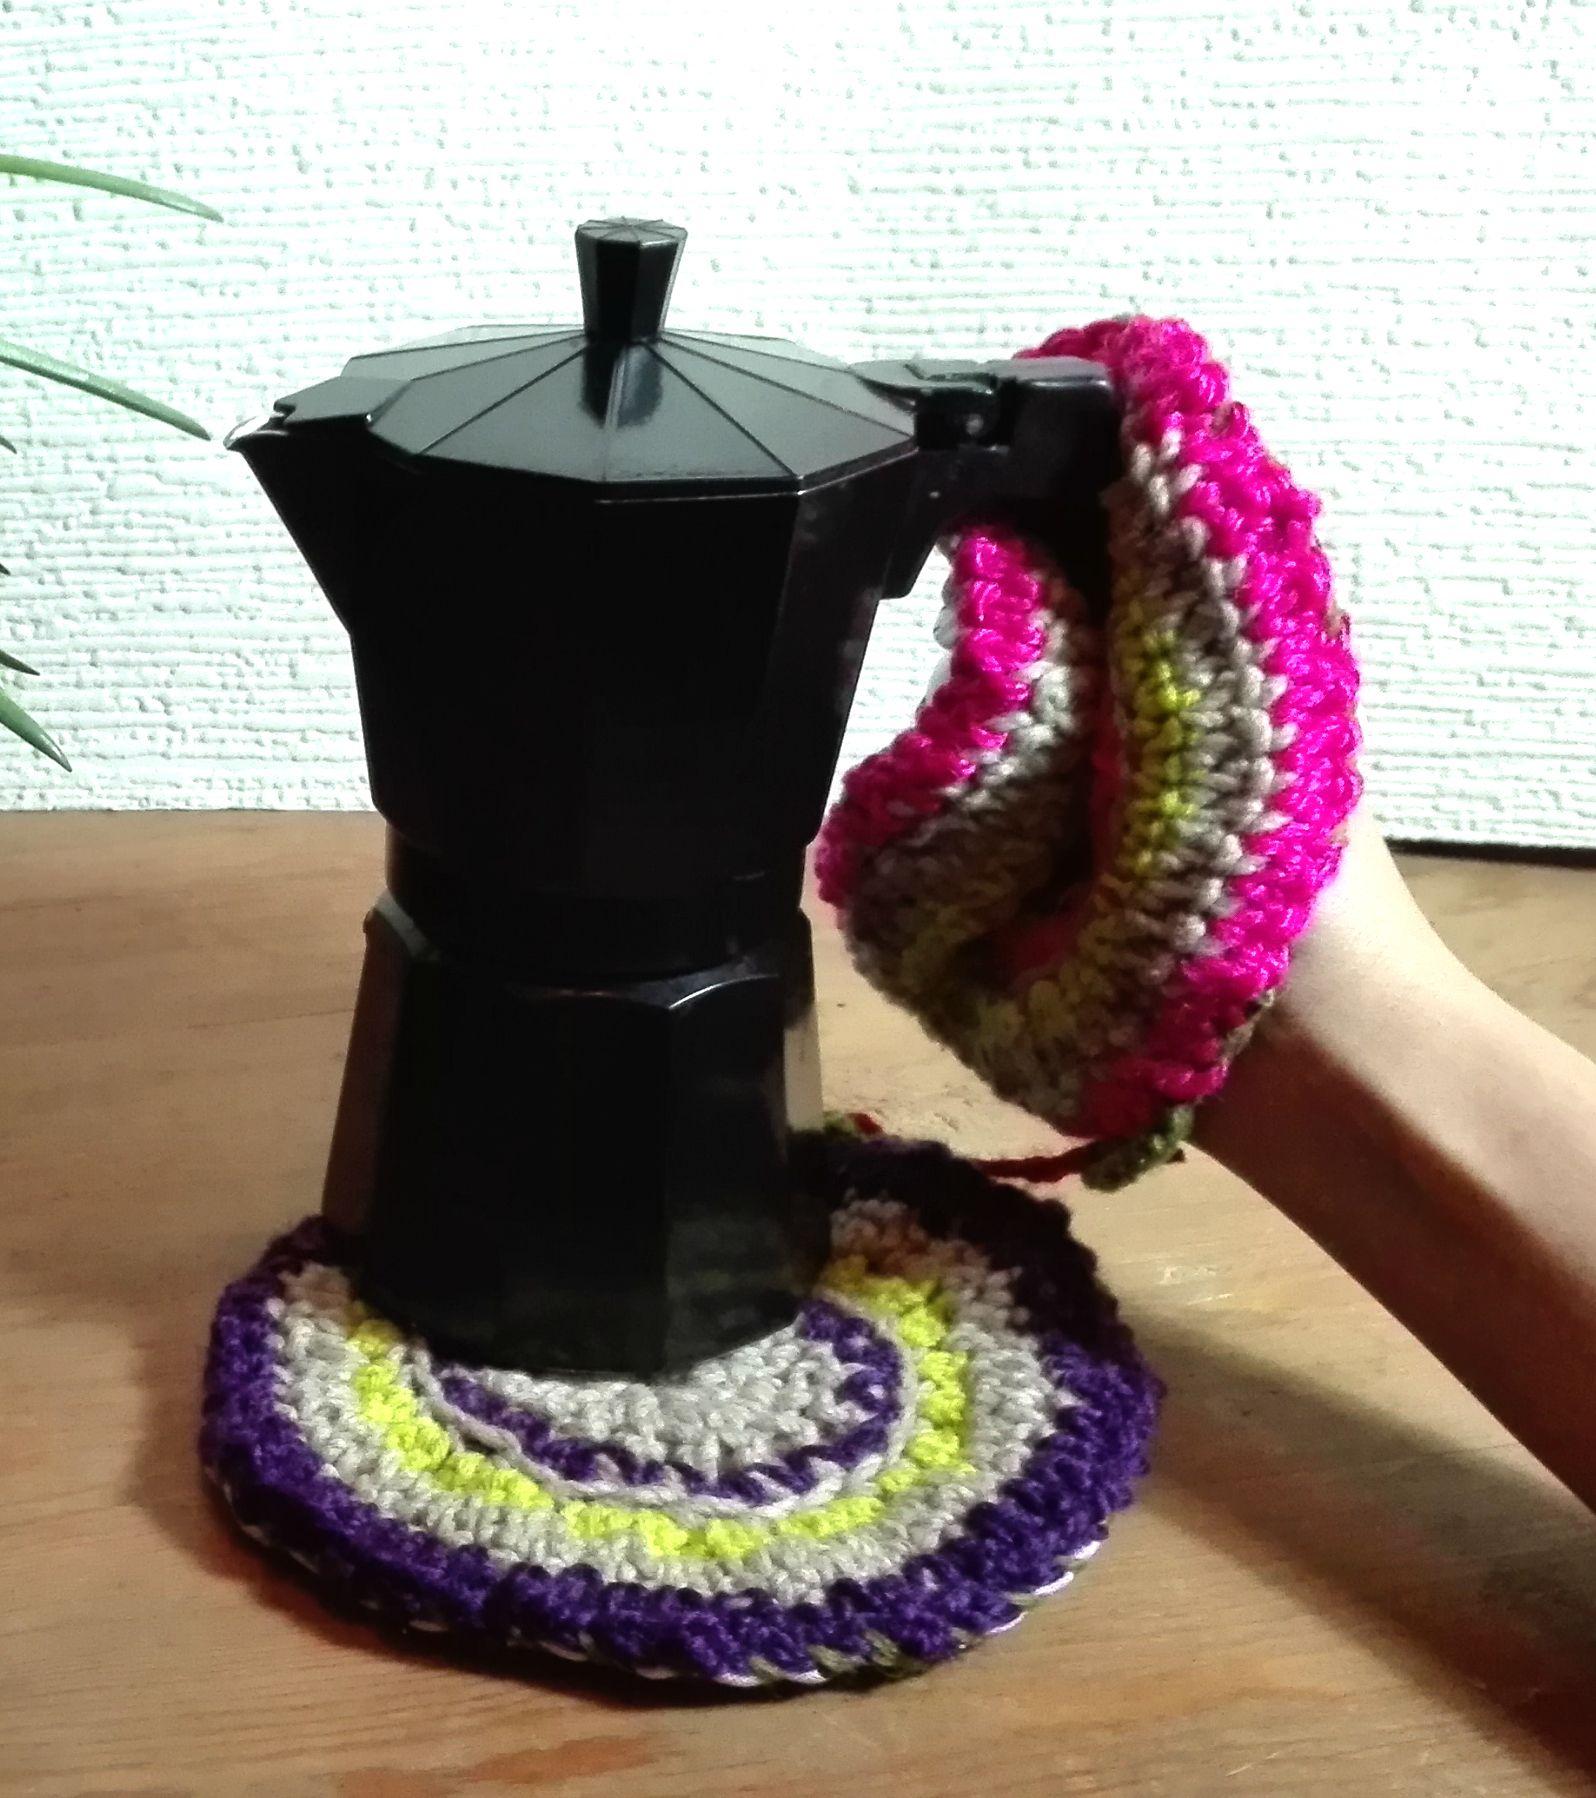 Handmade pair of oven mittens in crochet and fabric. Par de Pegas em croché e tecido.